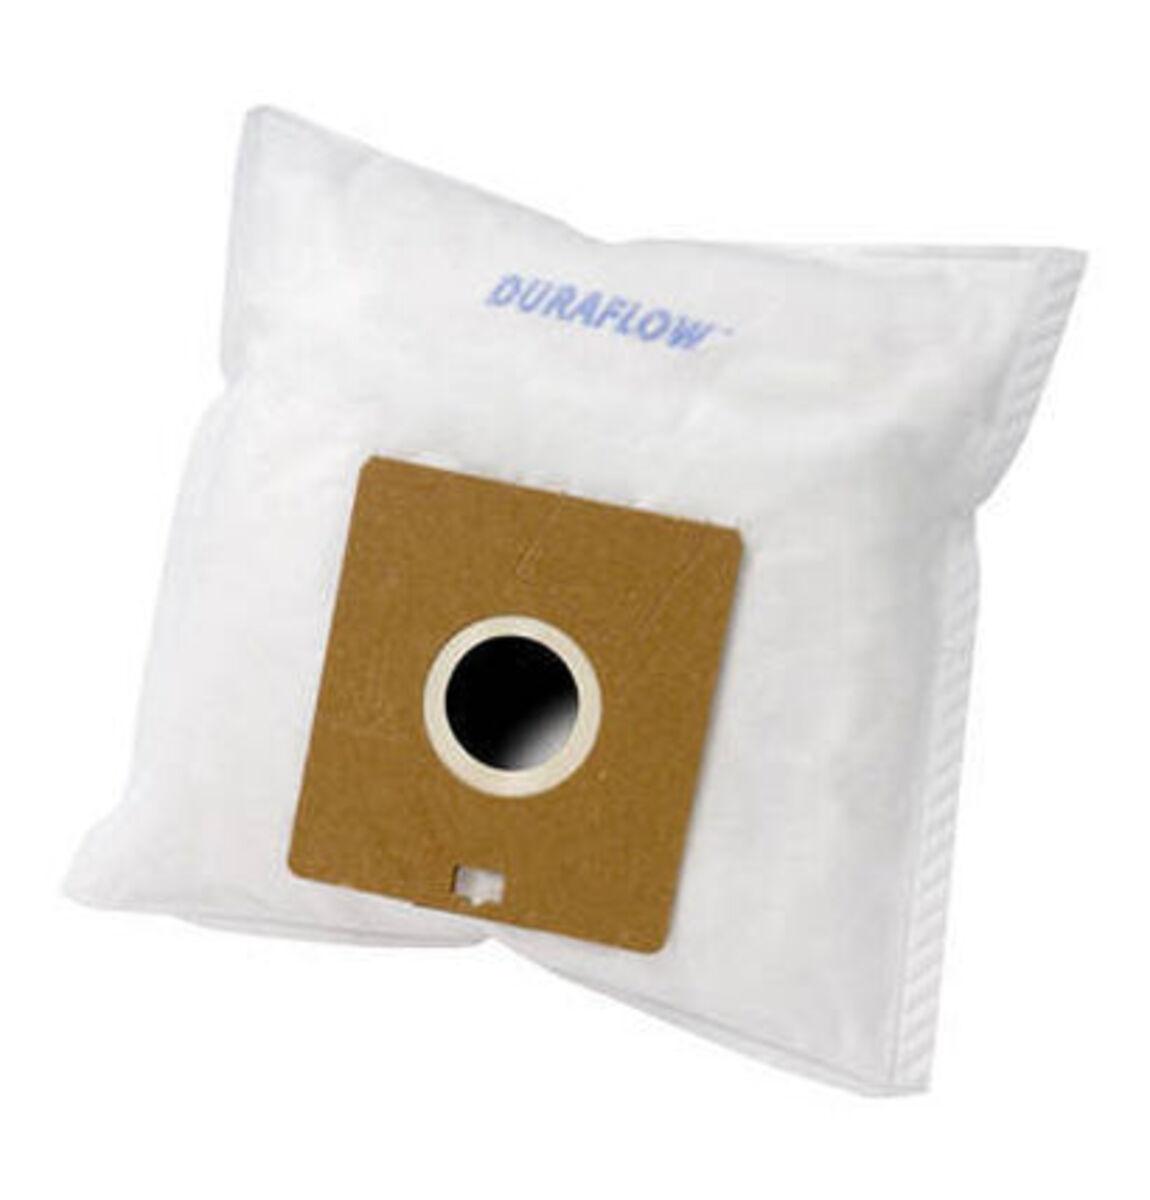 Bild 2 von Menalux Staubbeutel 1840 für Samsung und weitere